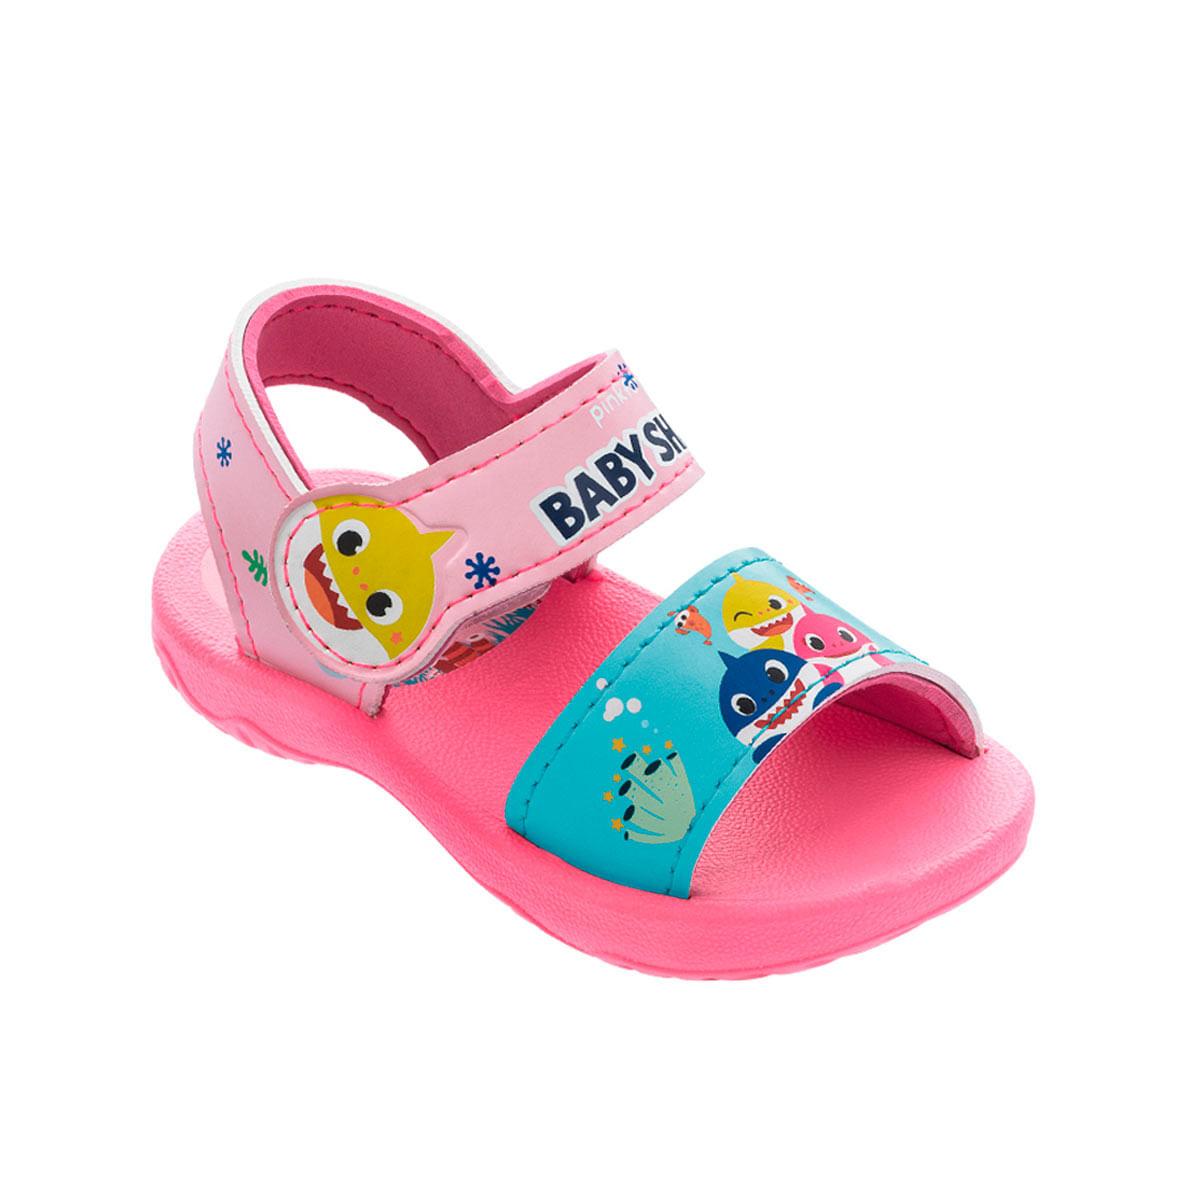 Sandalia-Infantil-Baby-Shark-Dance--17-ao-27--22392--VER21-